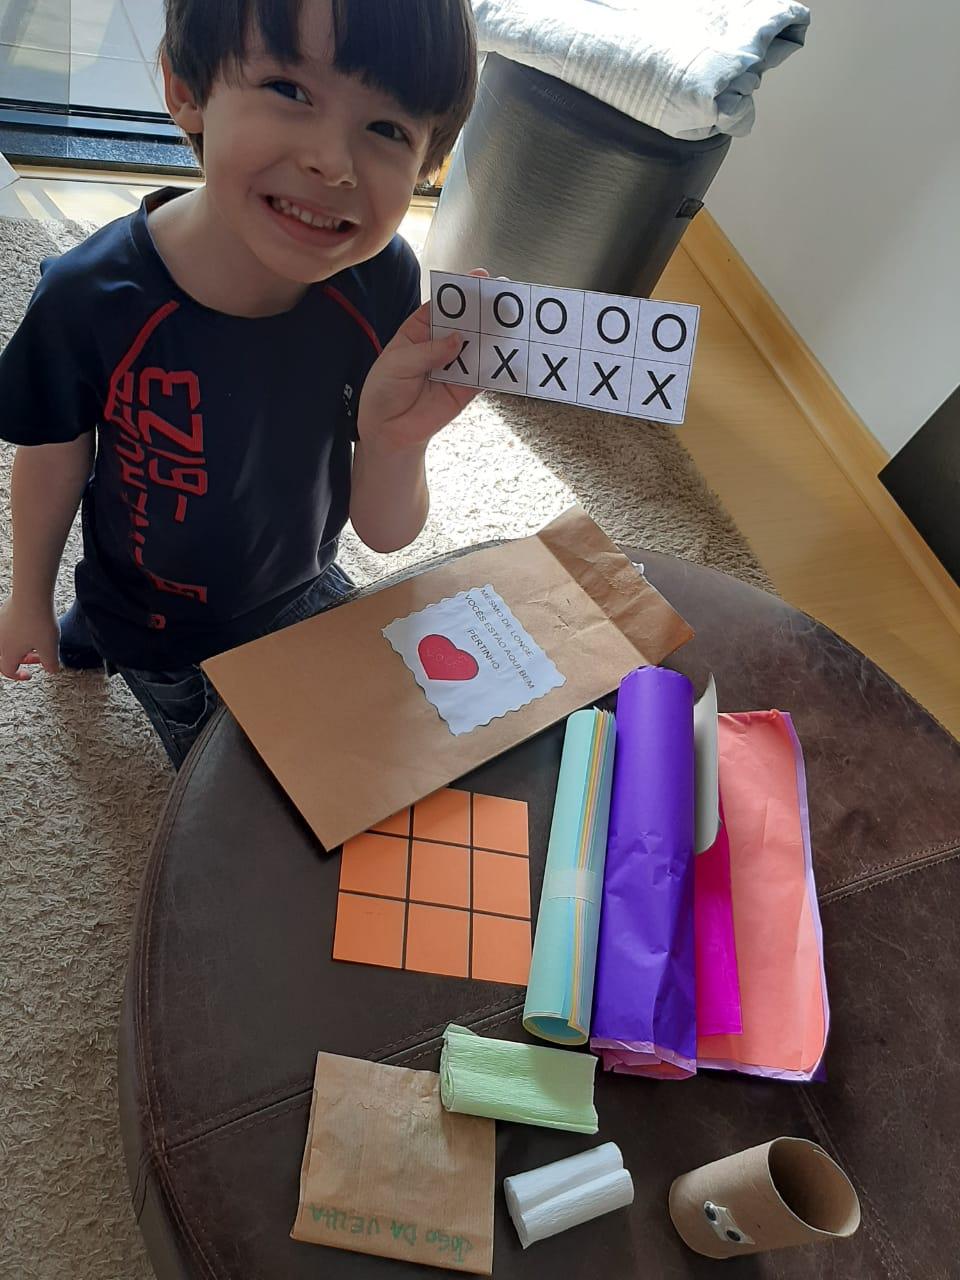 Felipe brincando em casa com o material recebido no kit pedagógico